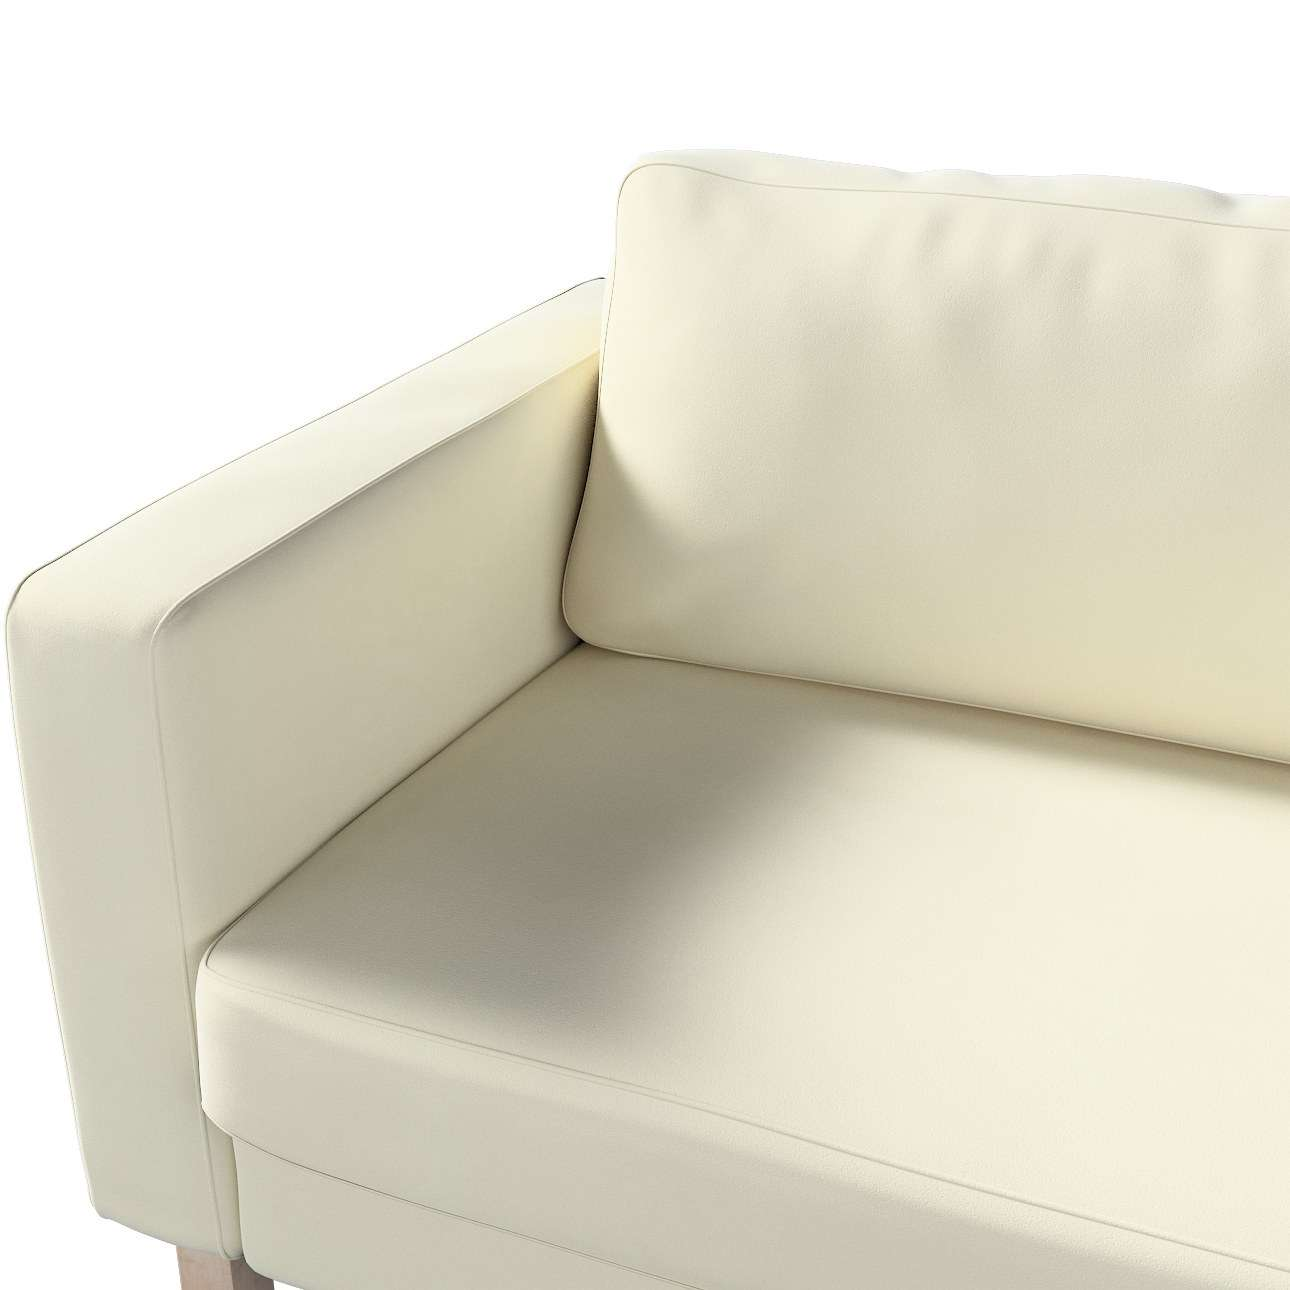 Karlstad 3-Sitzer Sofabezug nicht ausklappbar kurz von der Kollektion Velvet, Stoff: 704-10